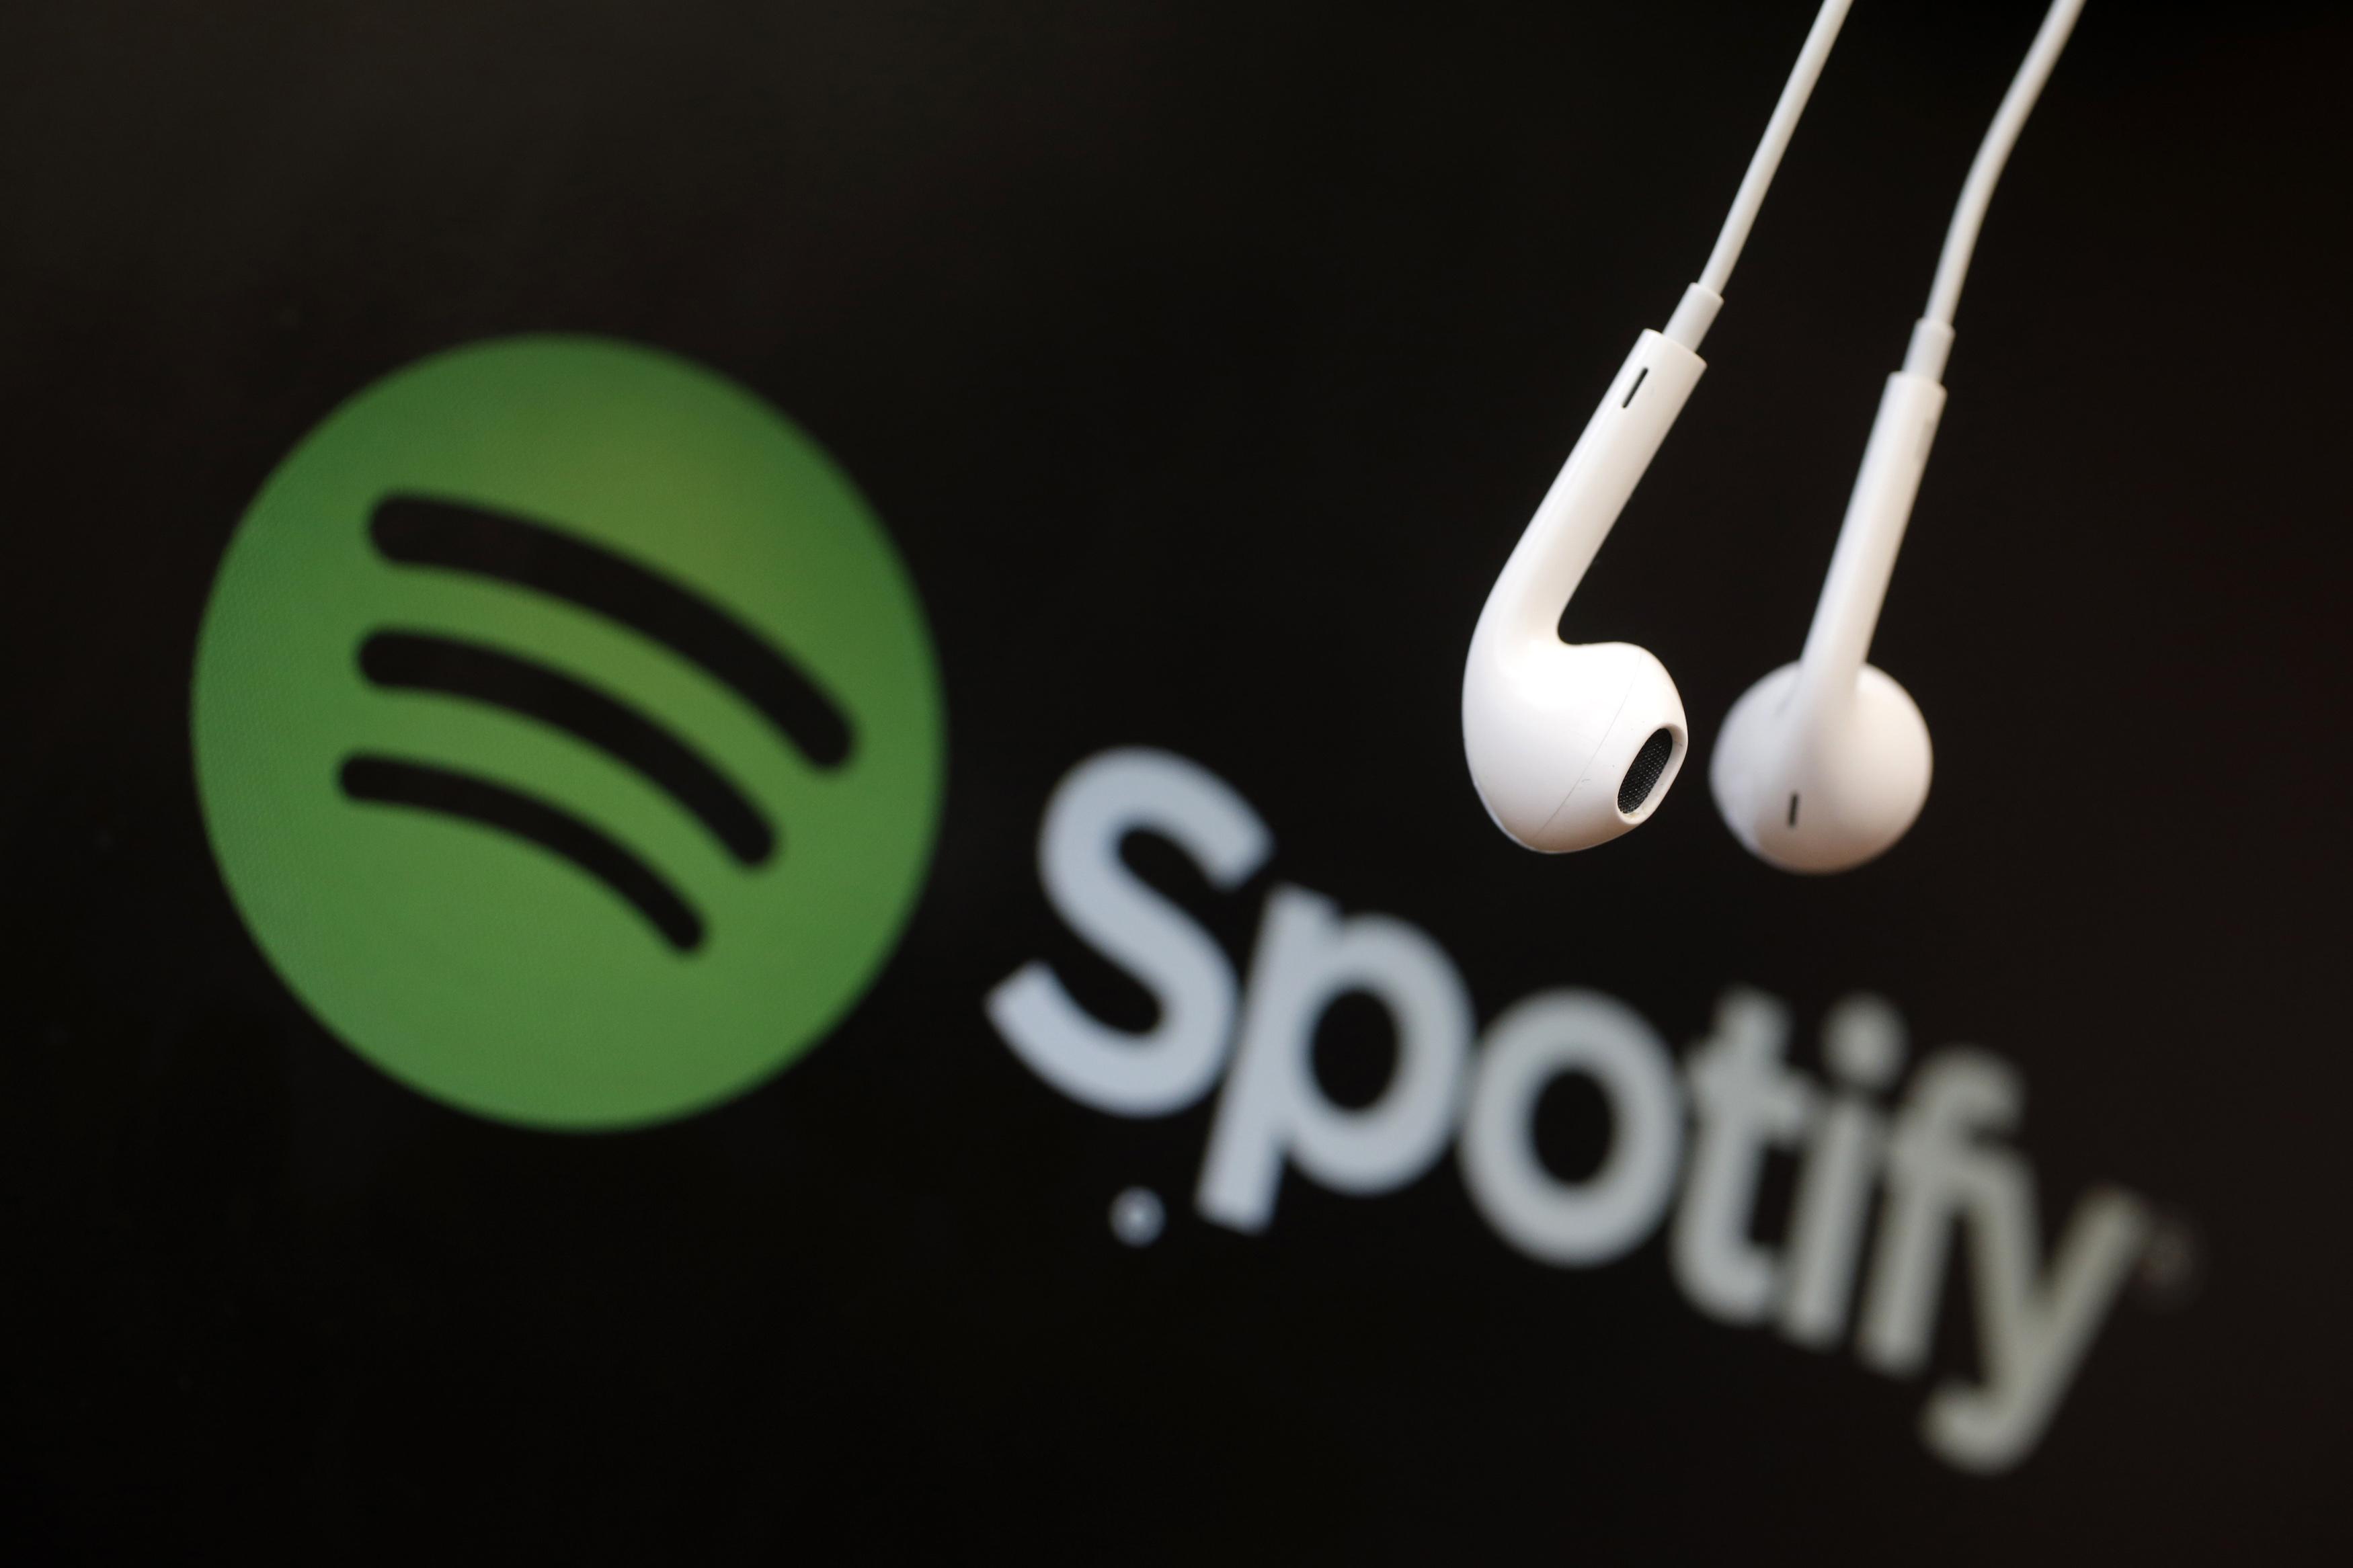 Spotify.